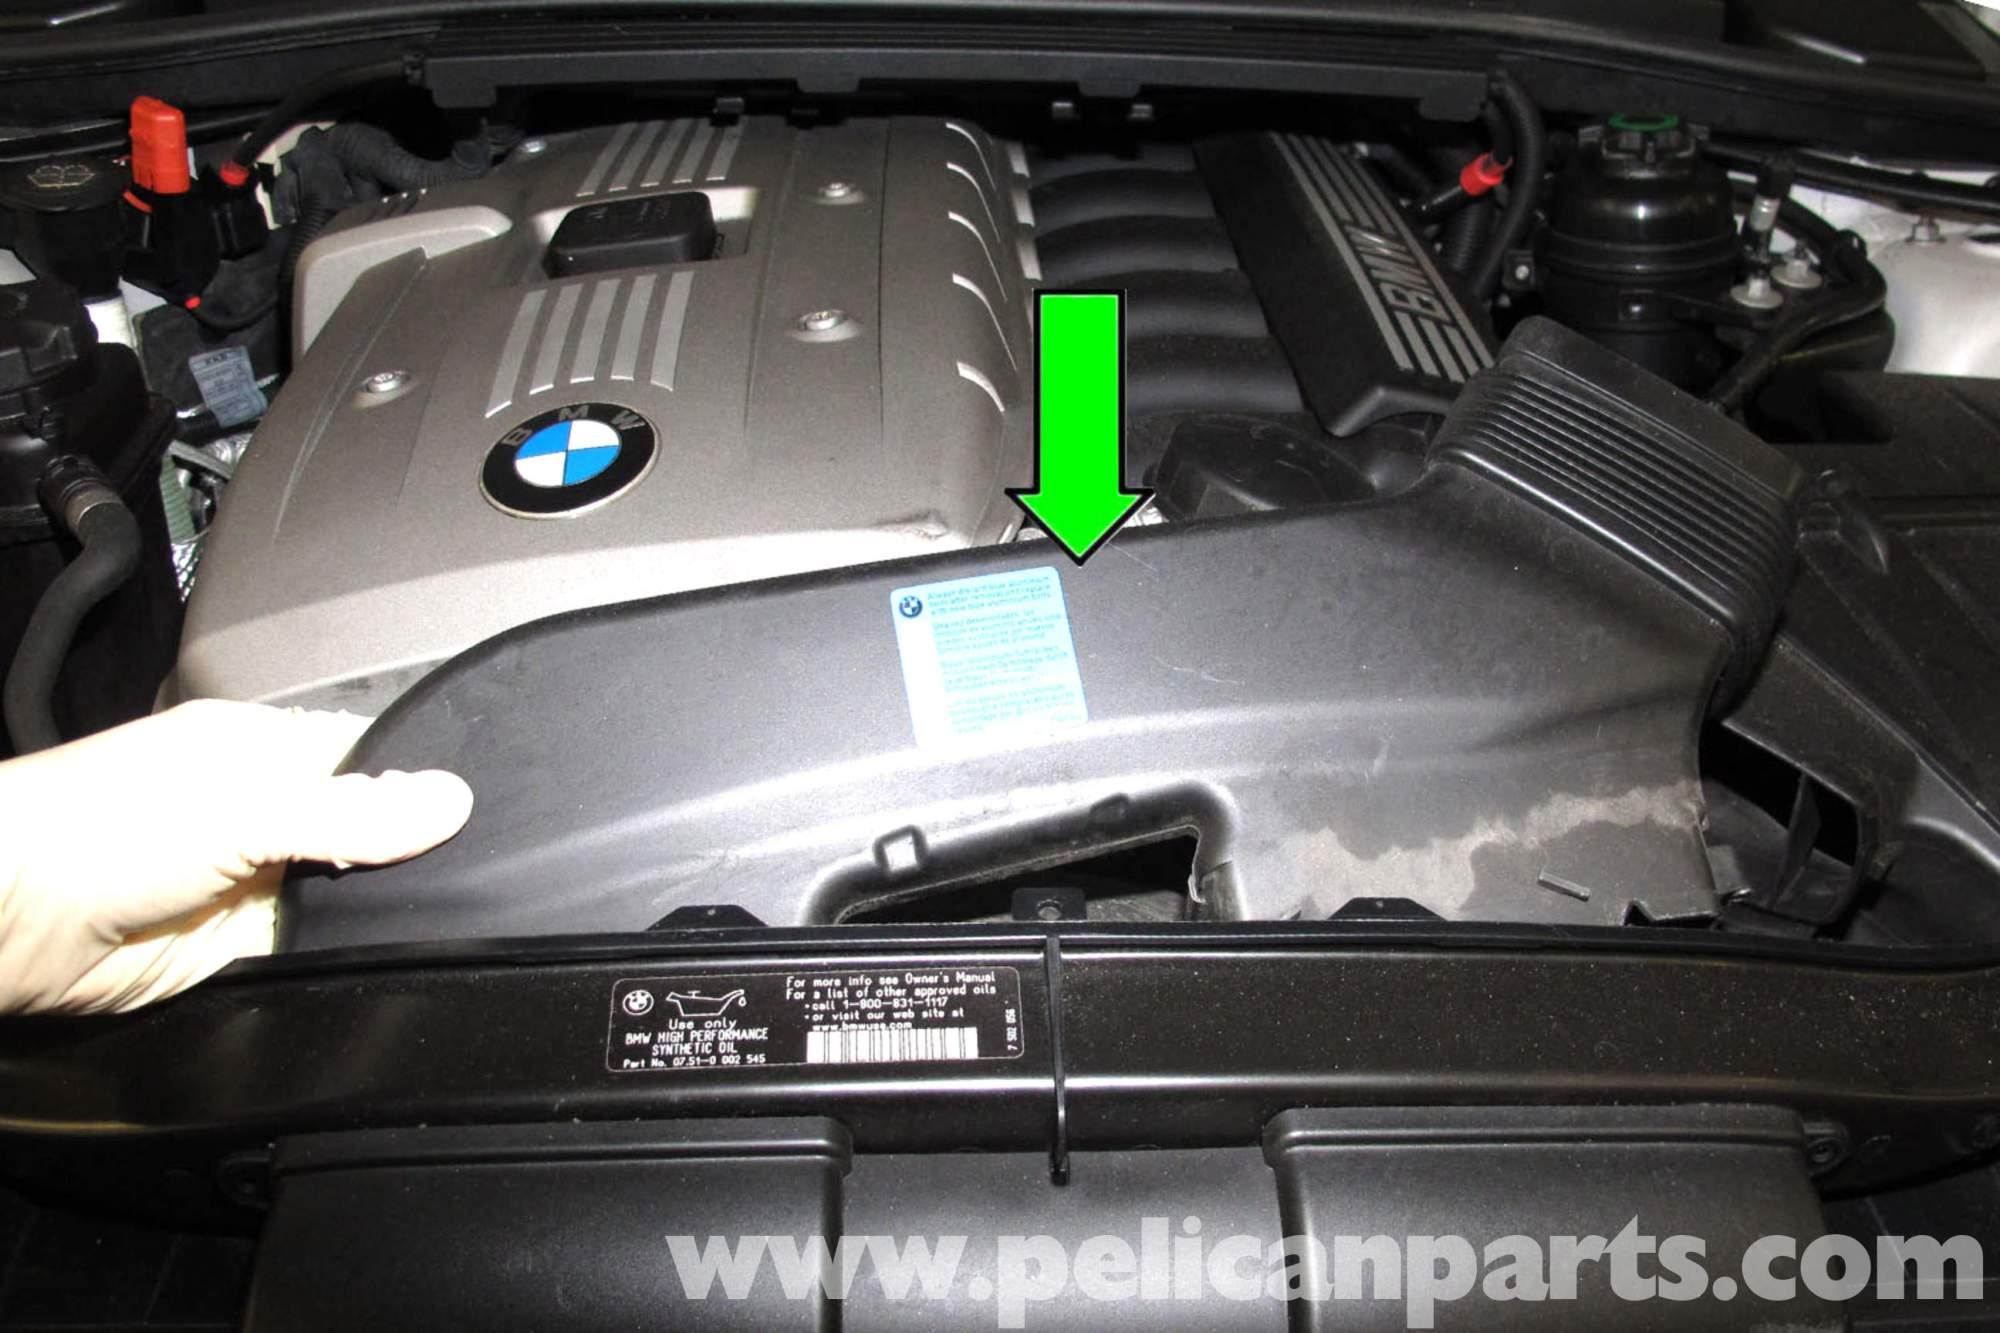 hight resolution of bmw e90 knock sensor replacement e91 e92 e93 pelican parts diy diagram besides bmw 750il moreover 1998 bmw 528i vacuum hose diagram